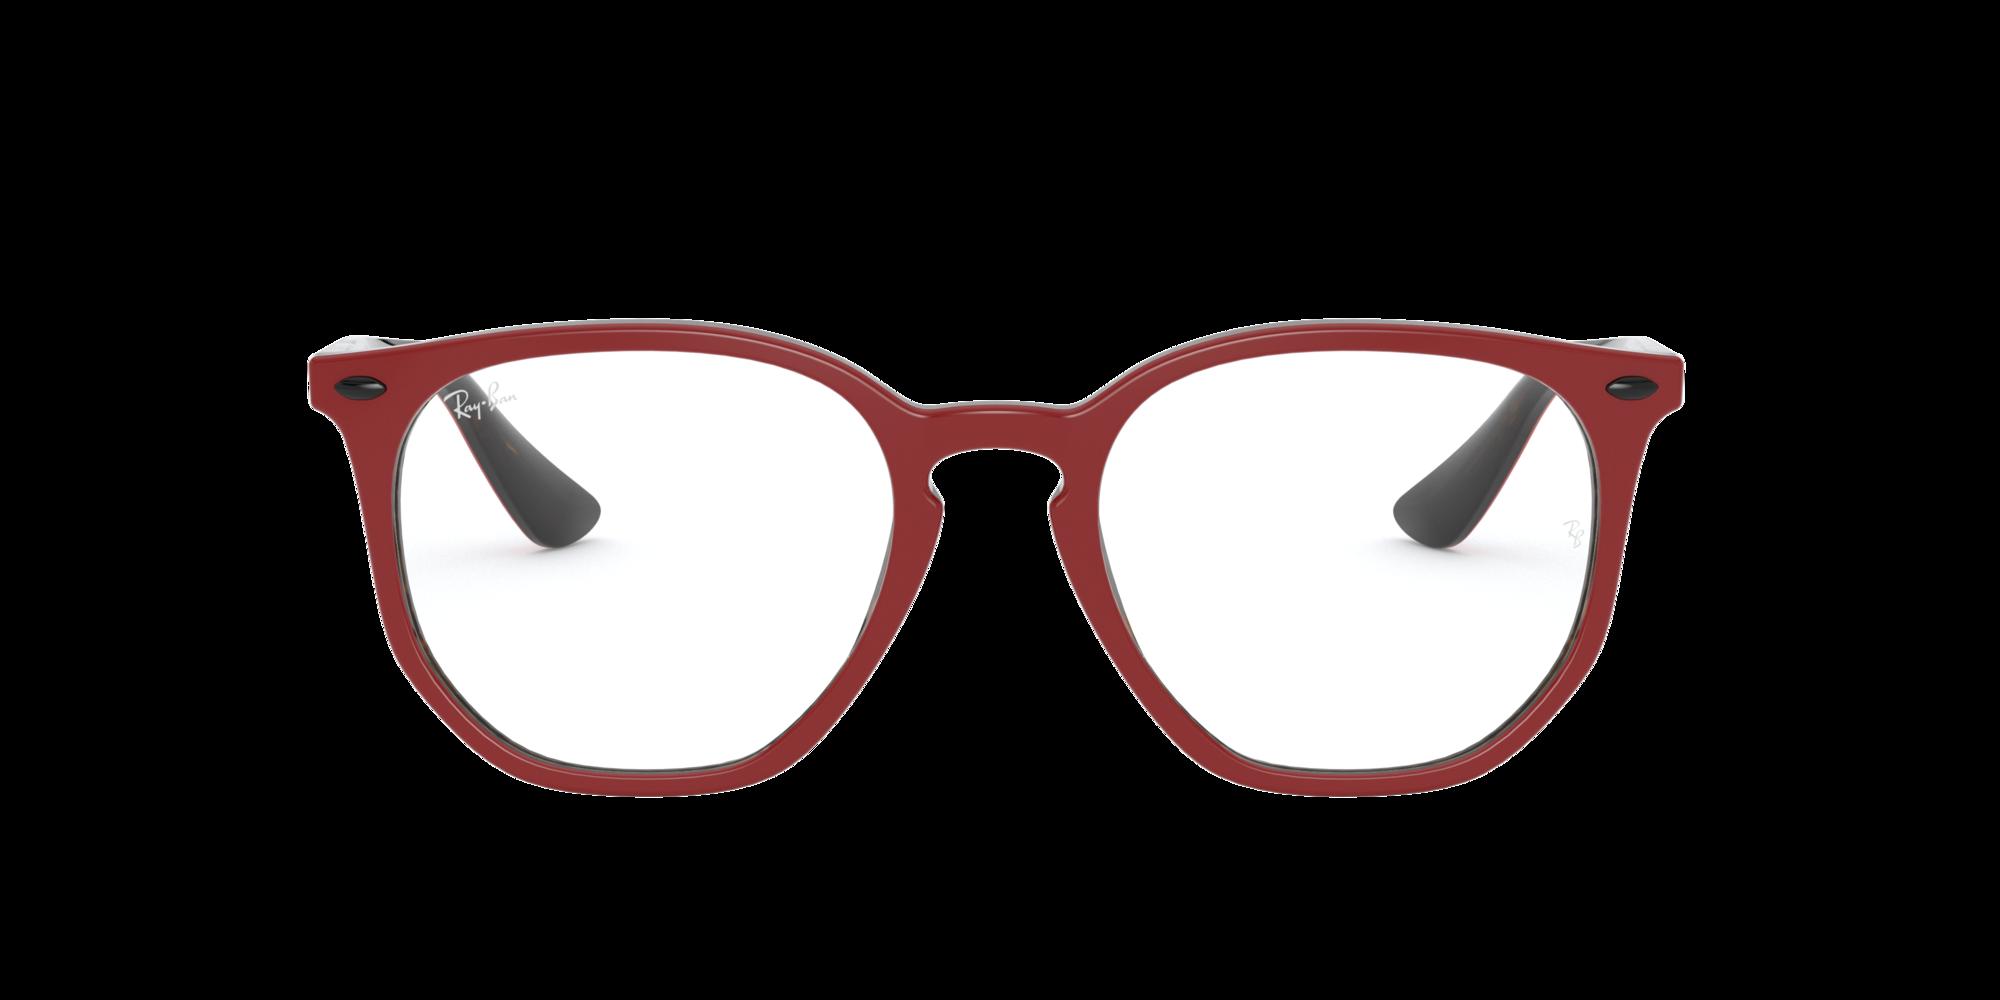 Imagen para RX7151M de LensCrafters    Espejuelos, espejuelos graduados en línea, gafas